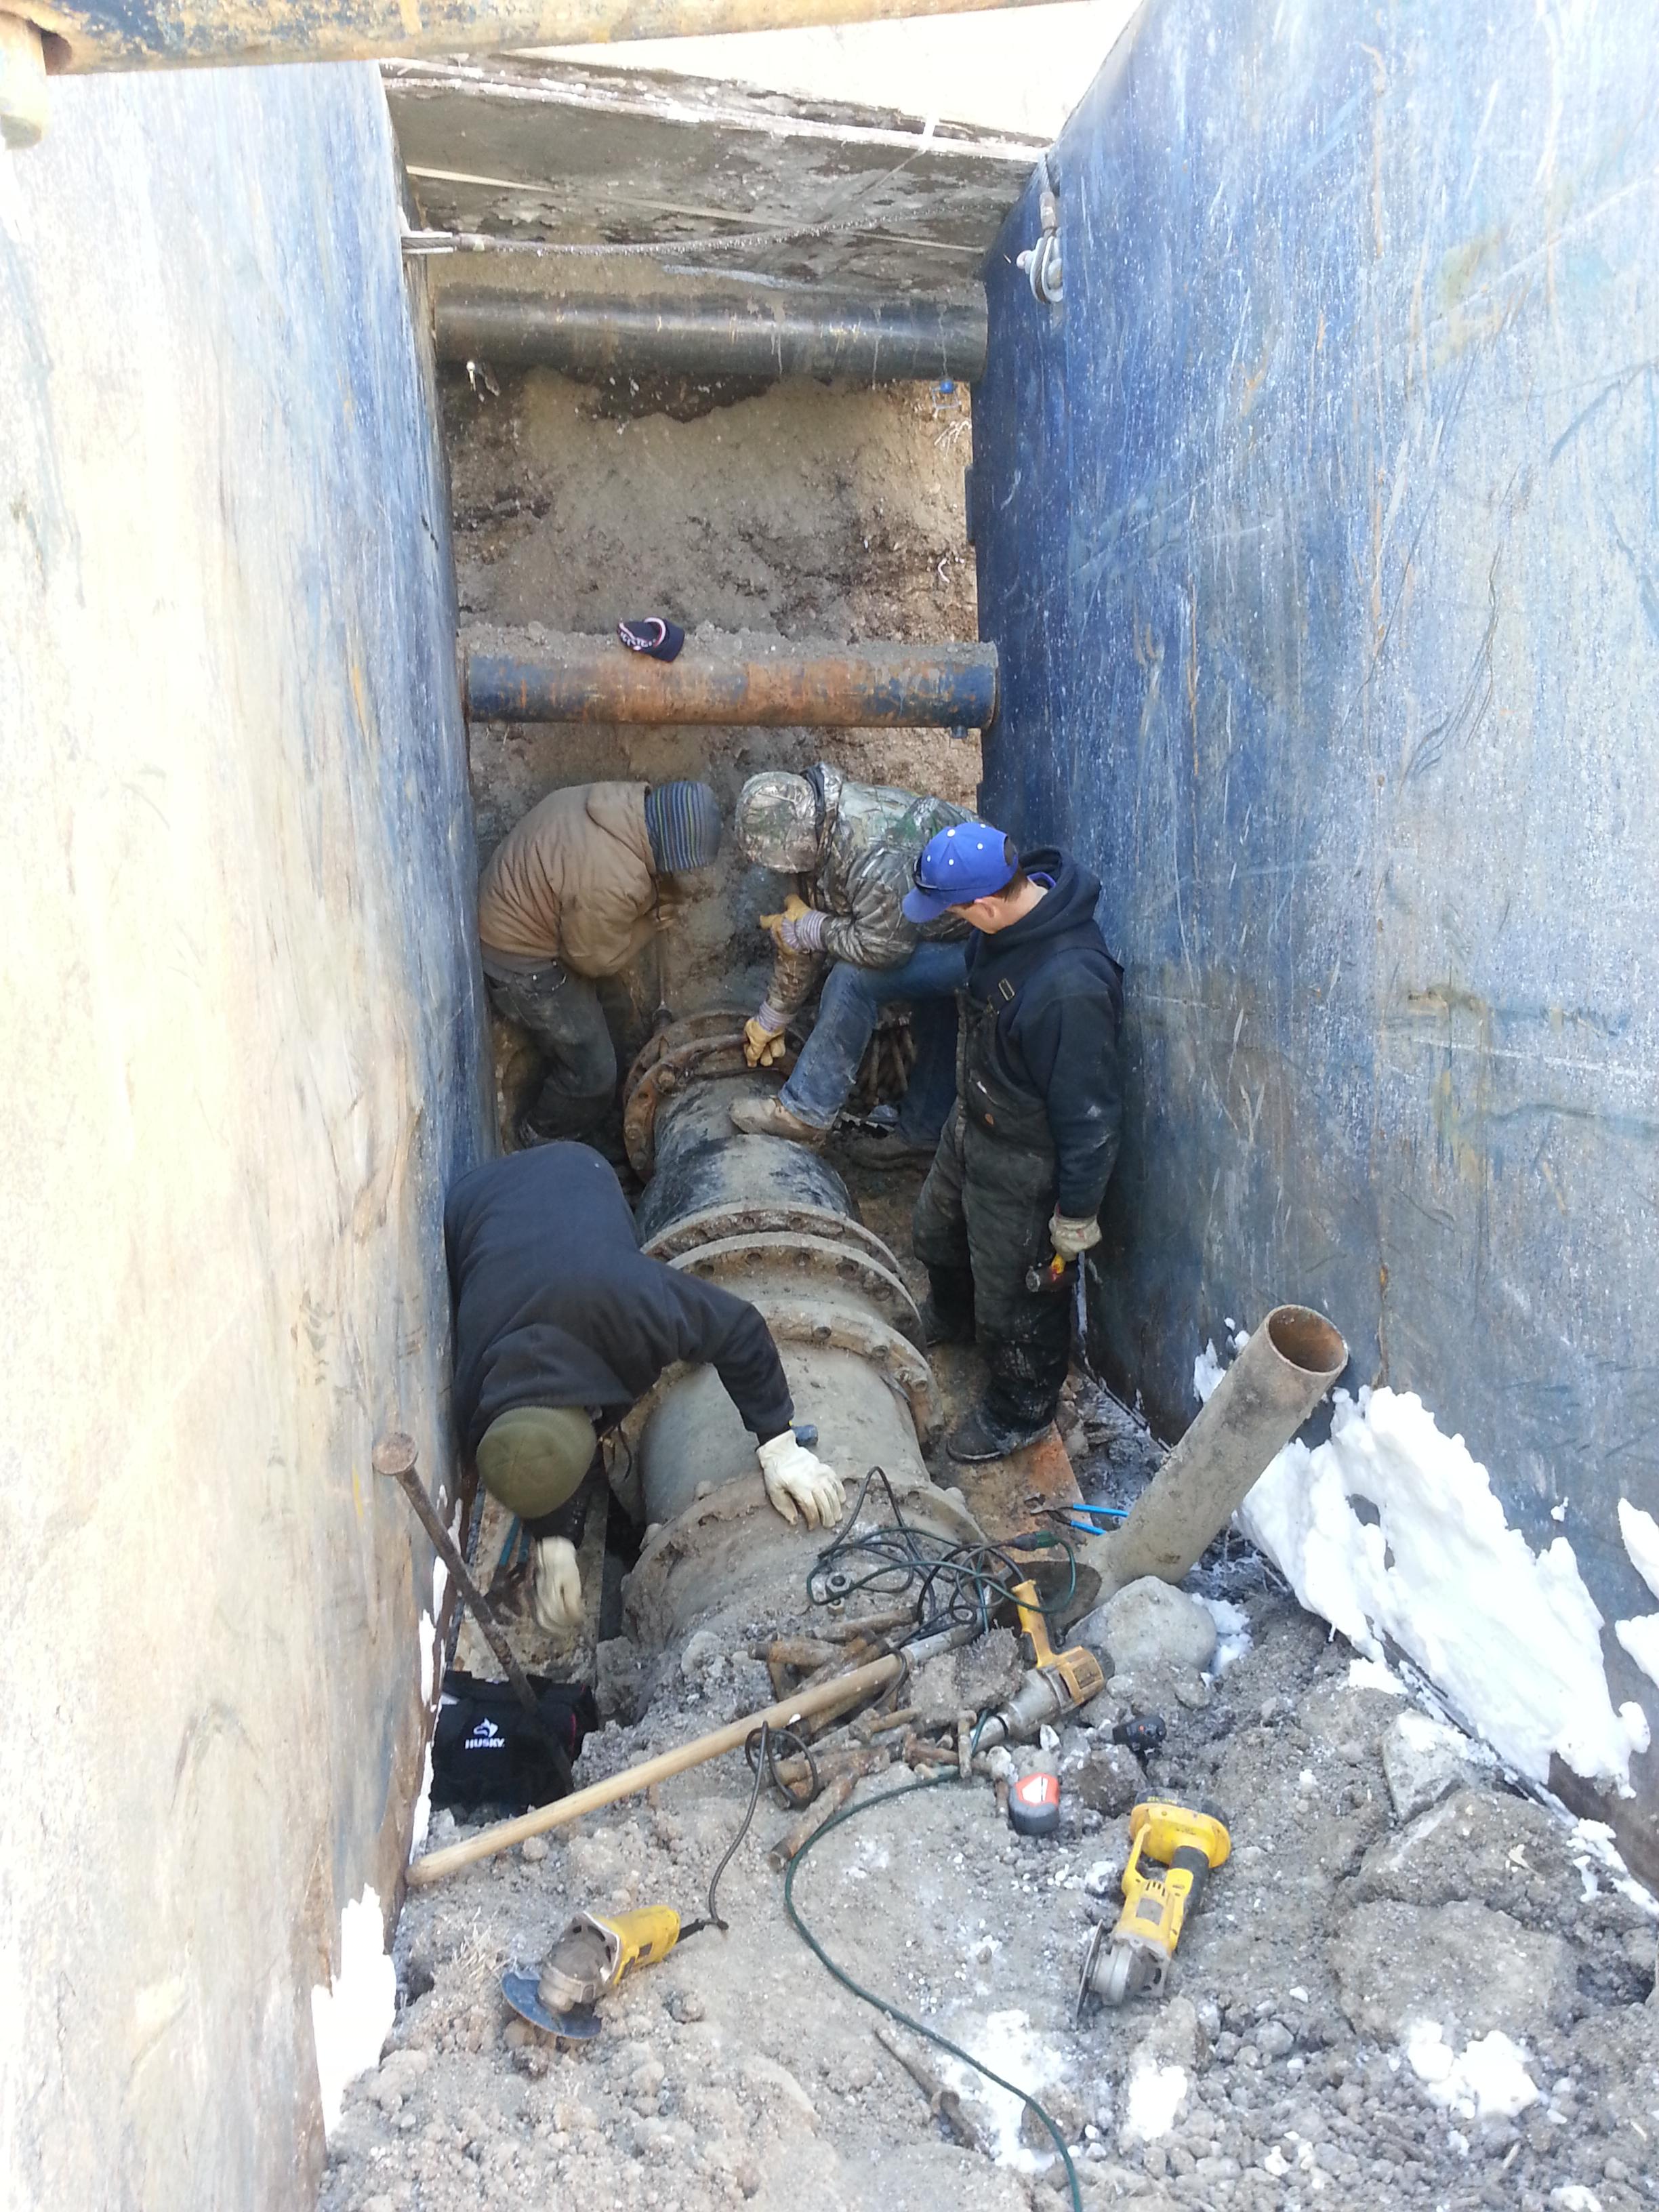 Major winter repair of an 18 inch diameter water transmission pipeline.